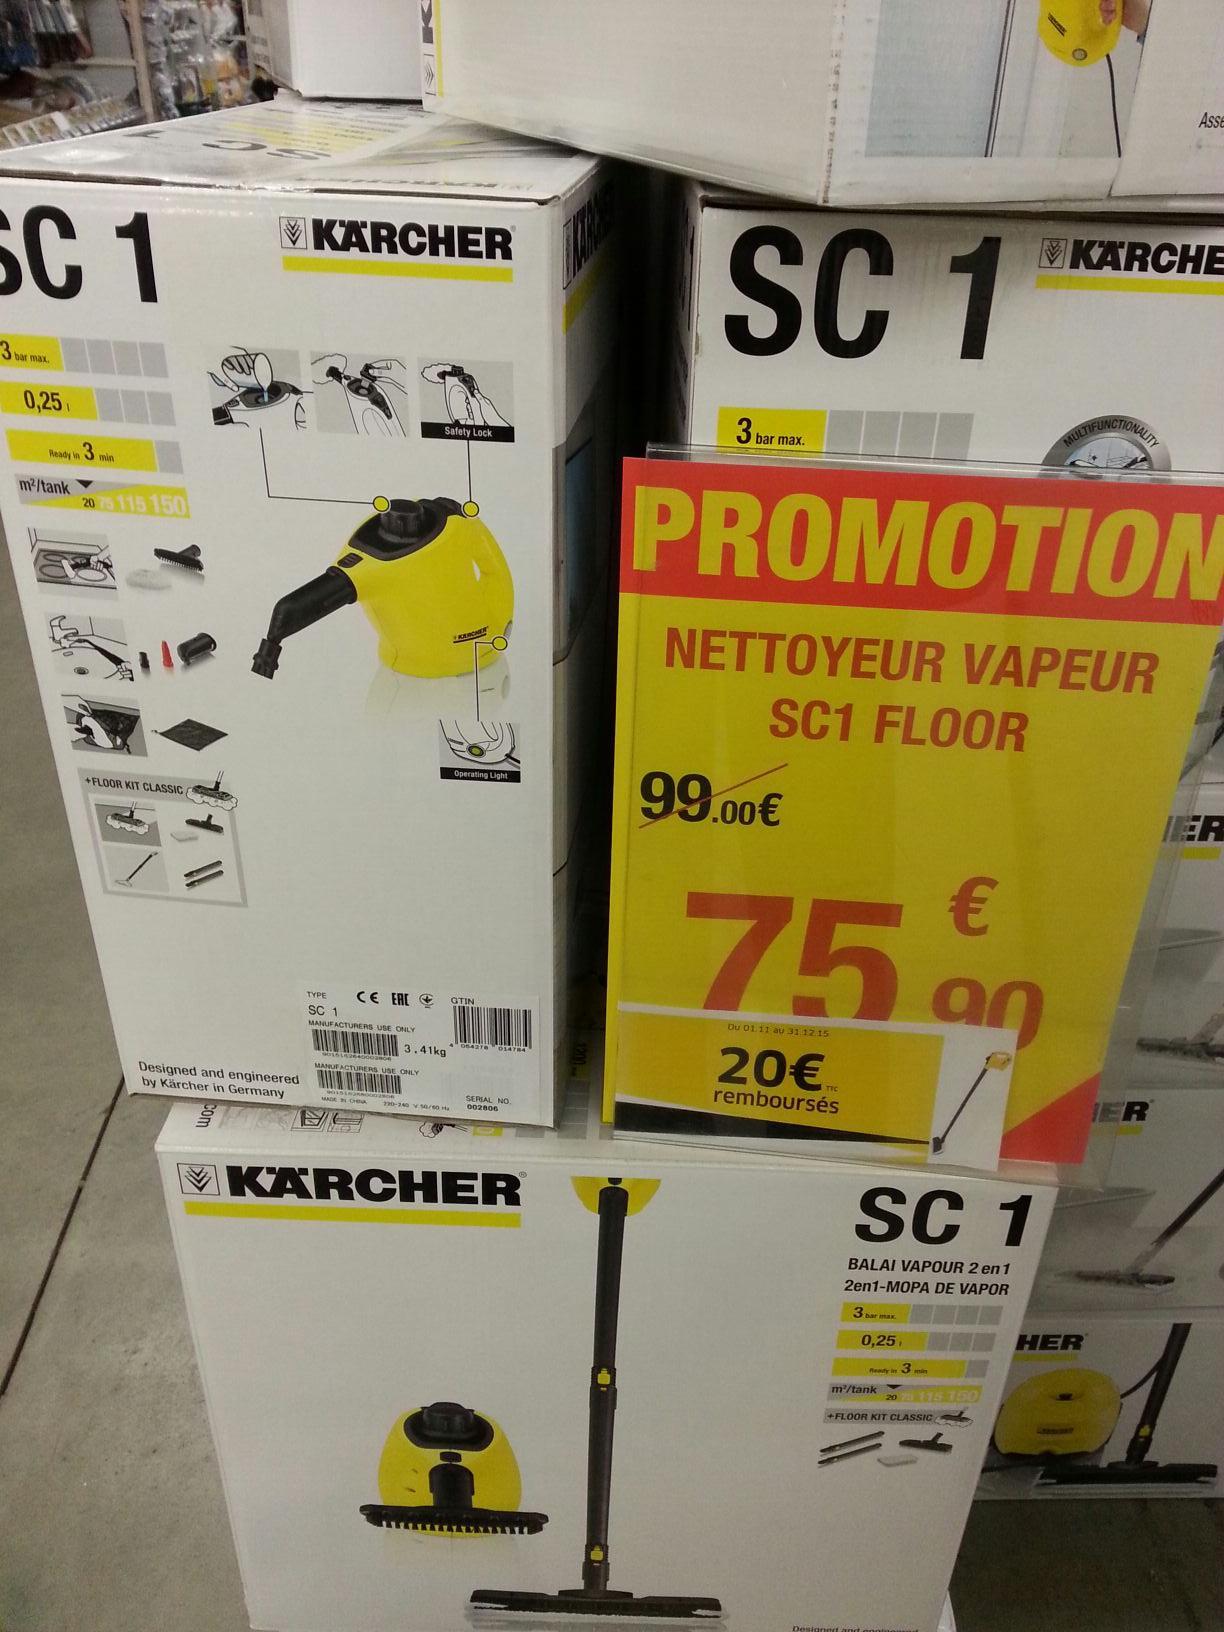 Nettoyeur vapeur Karcher SC1 (via ODR de 20€)